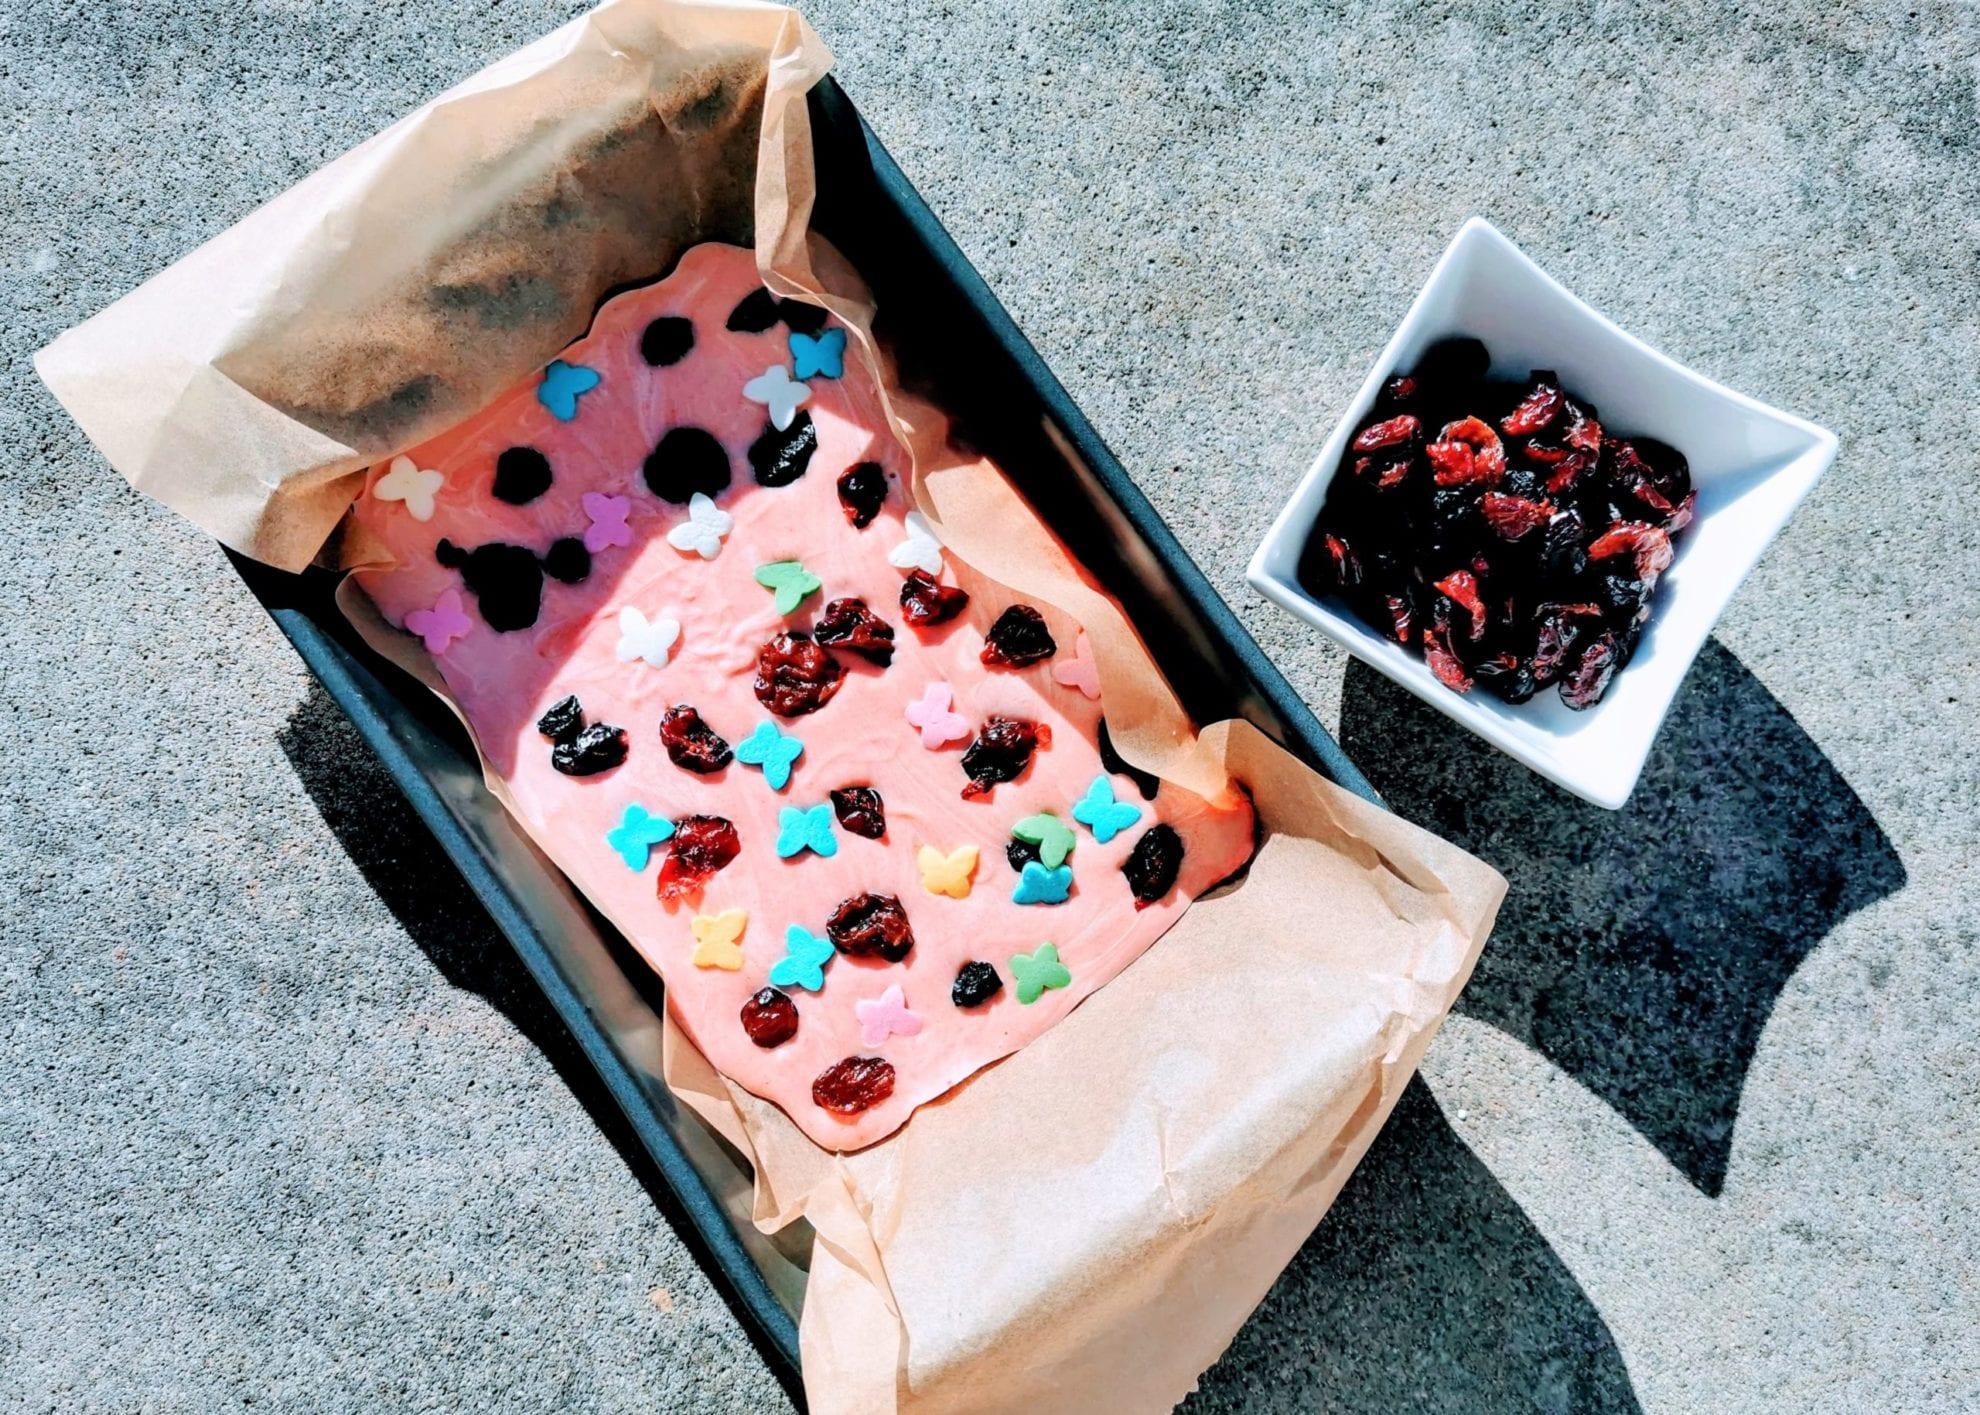 Geschenkidee aus der Küche: rosa Bruchschokolade mit getrockneten Beeren und Schmetterlingen. Ein einfaches Rezept aus nur 3 Zutaten auf Puddingklecks